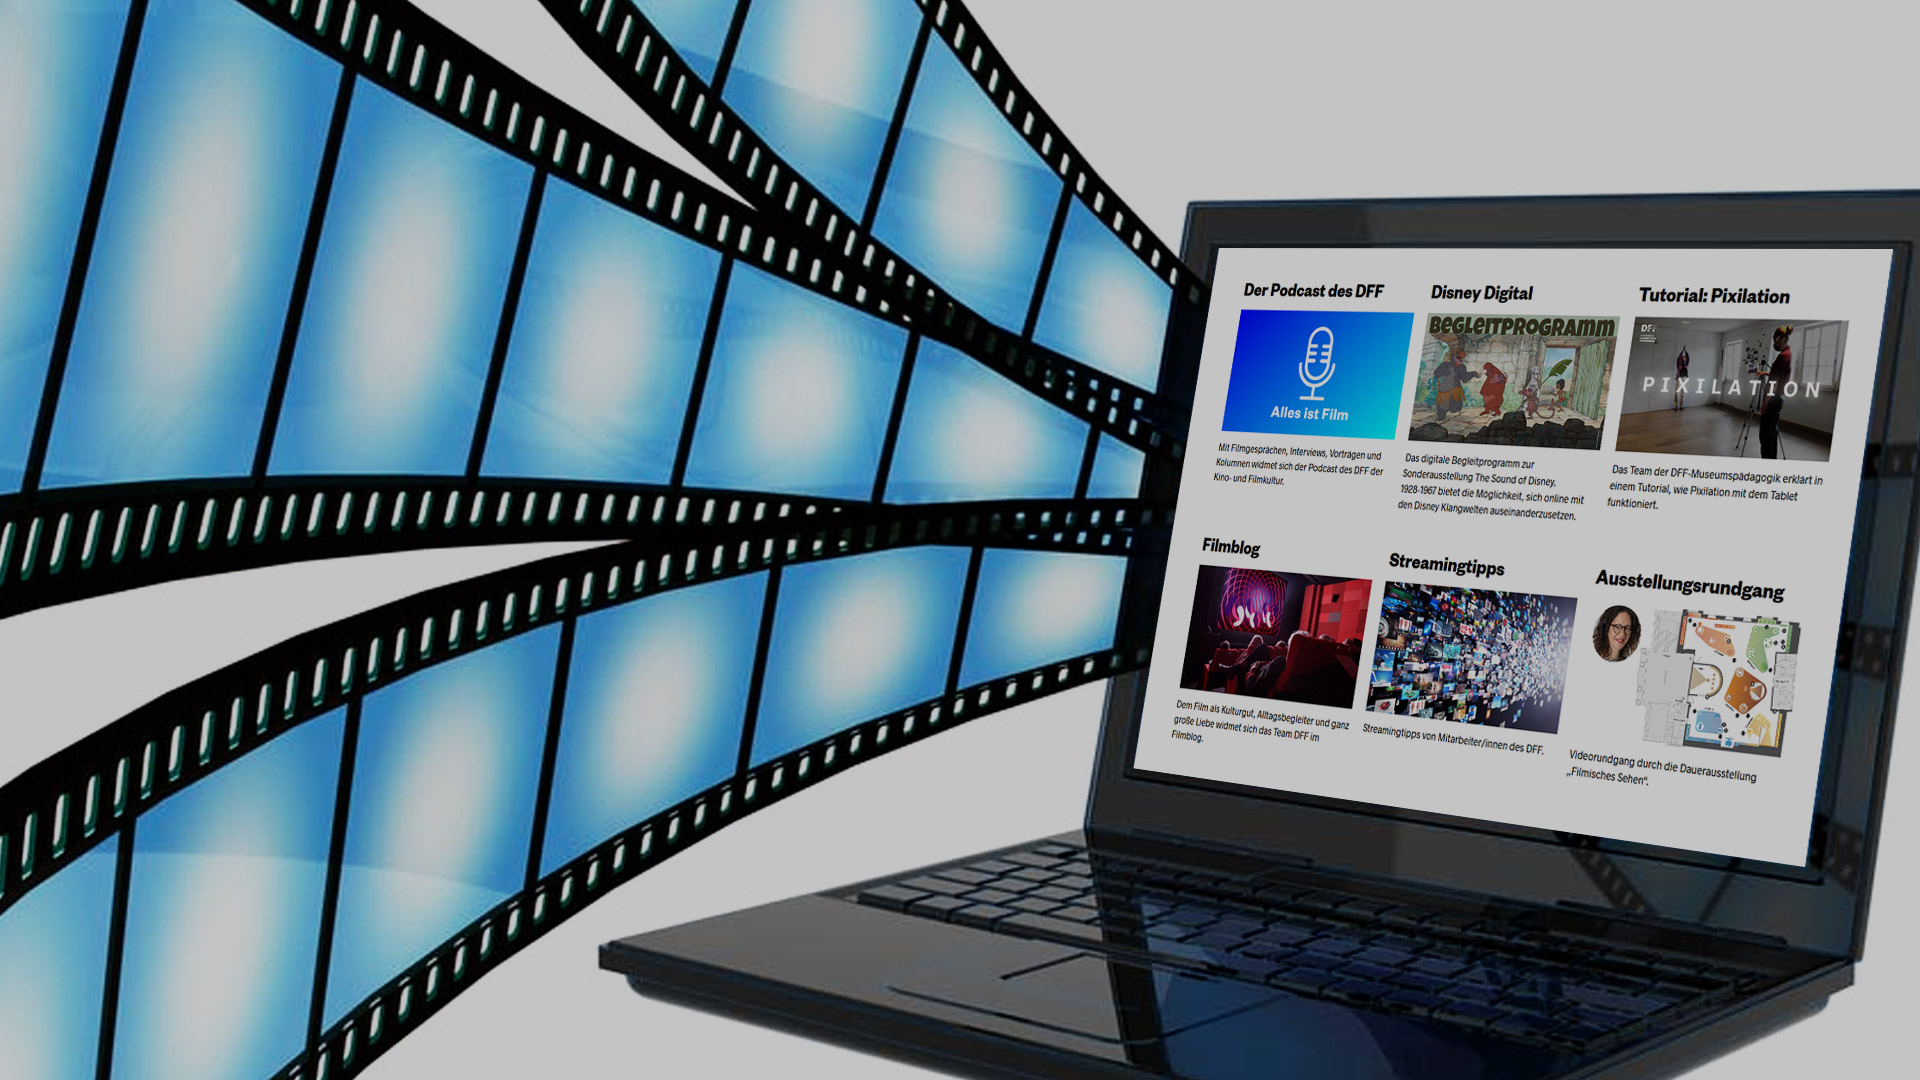 Filmkultur online: Digitale Angebote des DFF